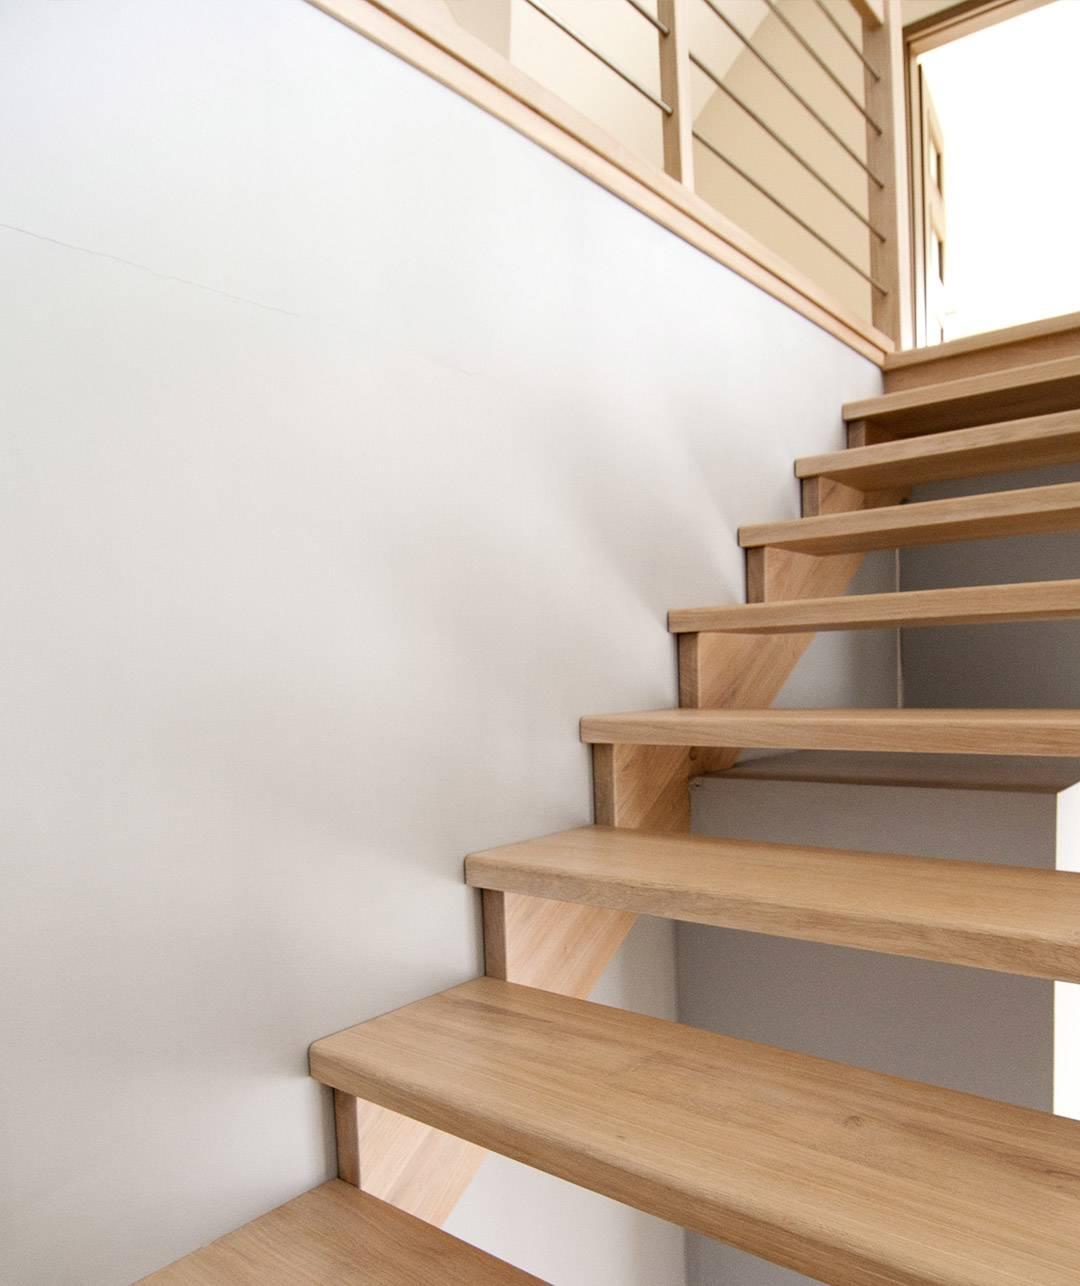 ausbauhaus bauen hausbeispiele mit preisen anbieter. Black Bedroom Furniture Sets. Home Design Ideas